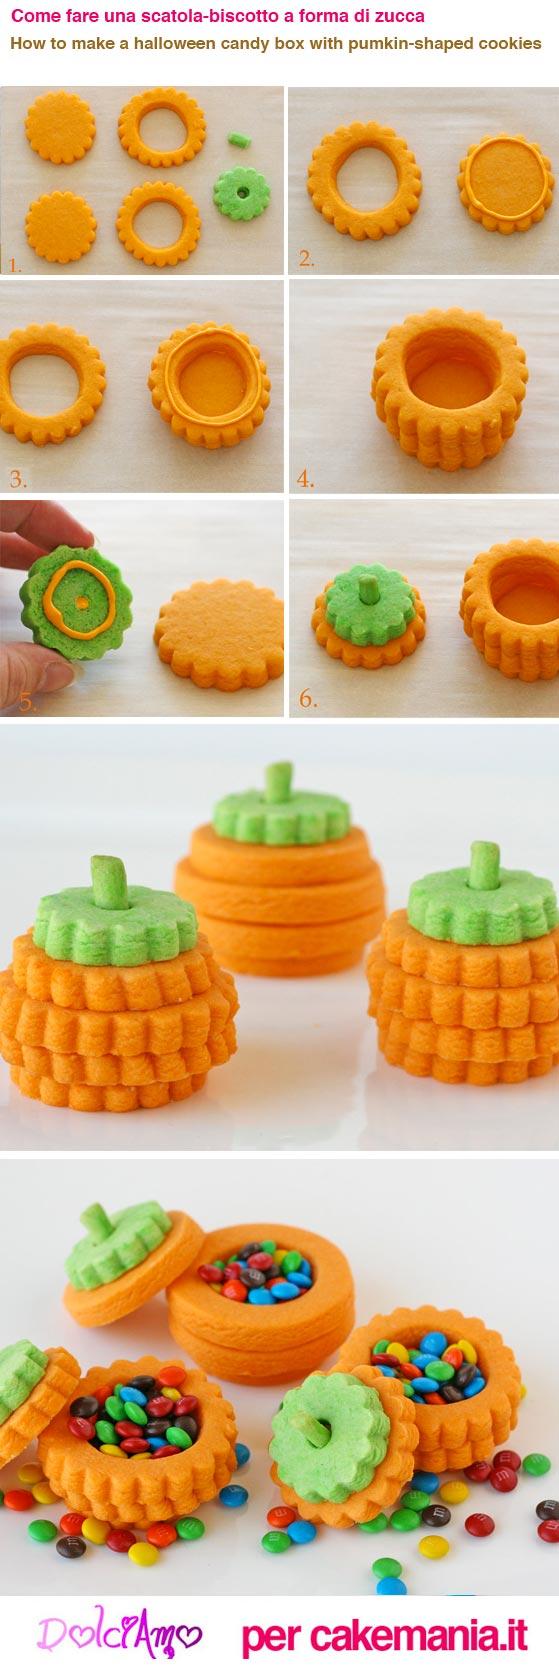 Biscotti Cake Design Ricette : biscotti-halloween-cakemania - Cakemania, dolci e cake design